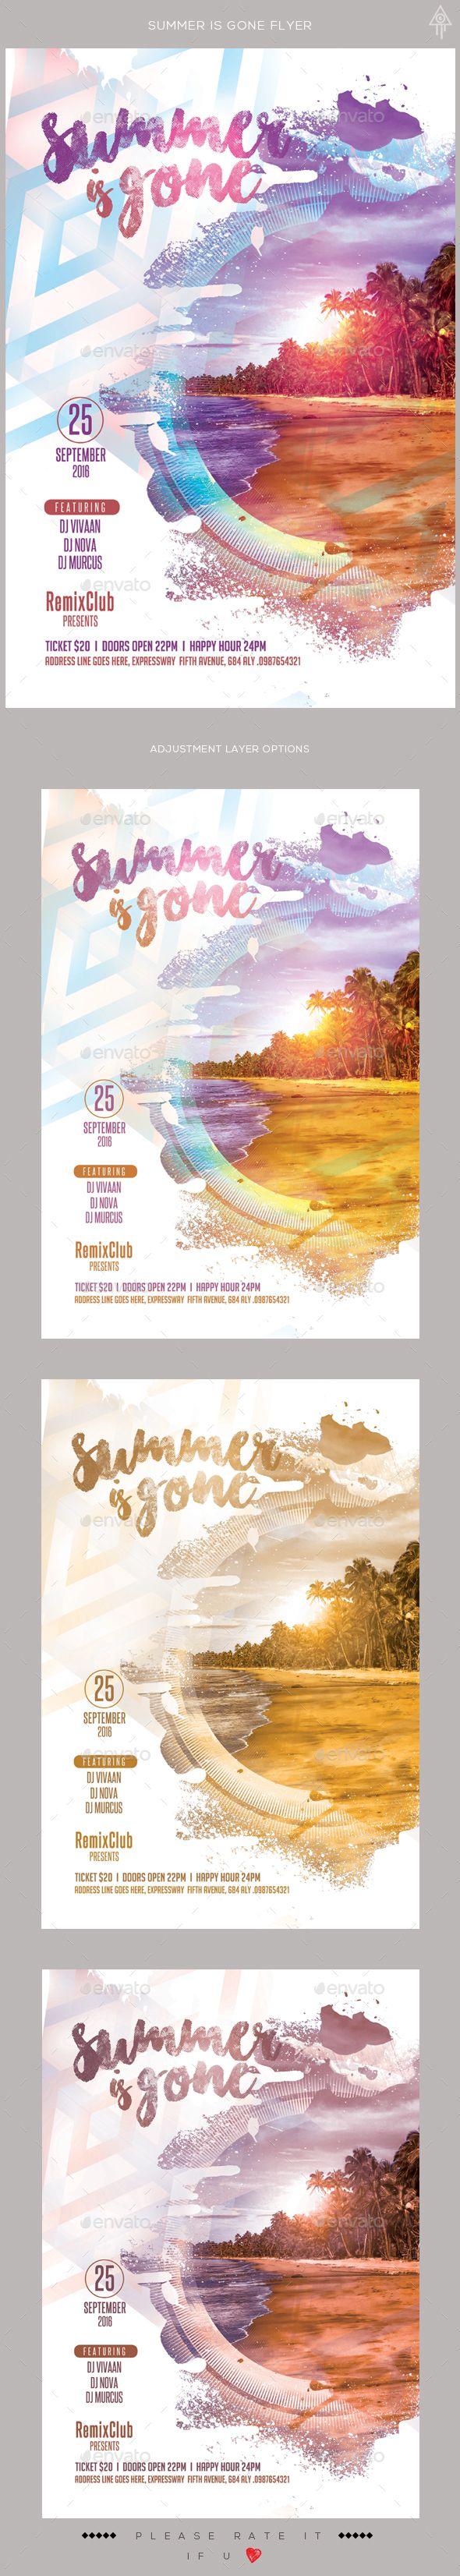 Poster design online free download - Poster Design Software Free Download Full Version Summer Is Gone Flyer Download